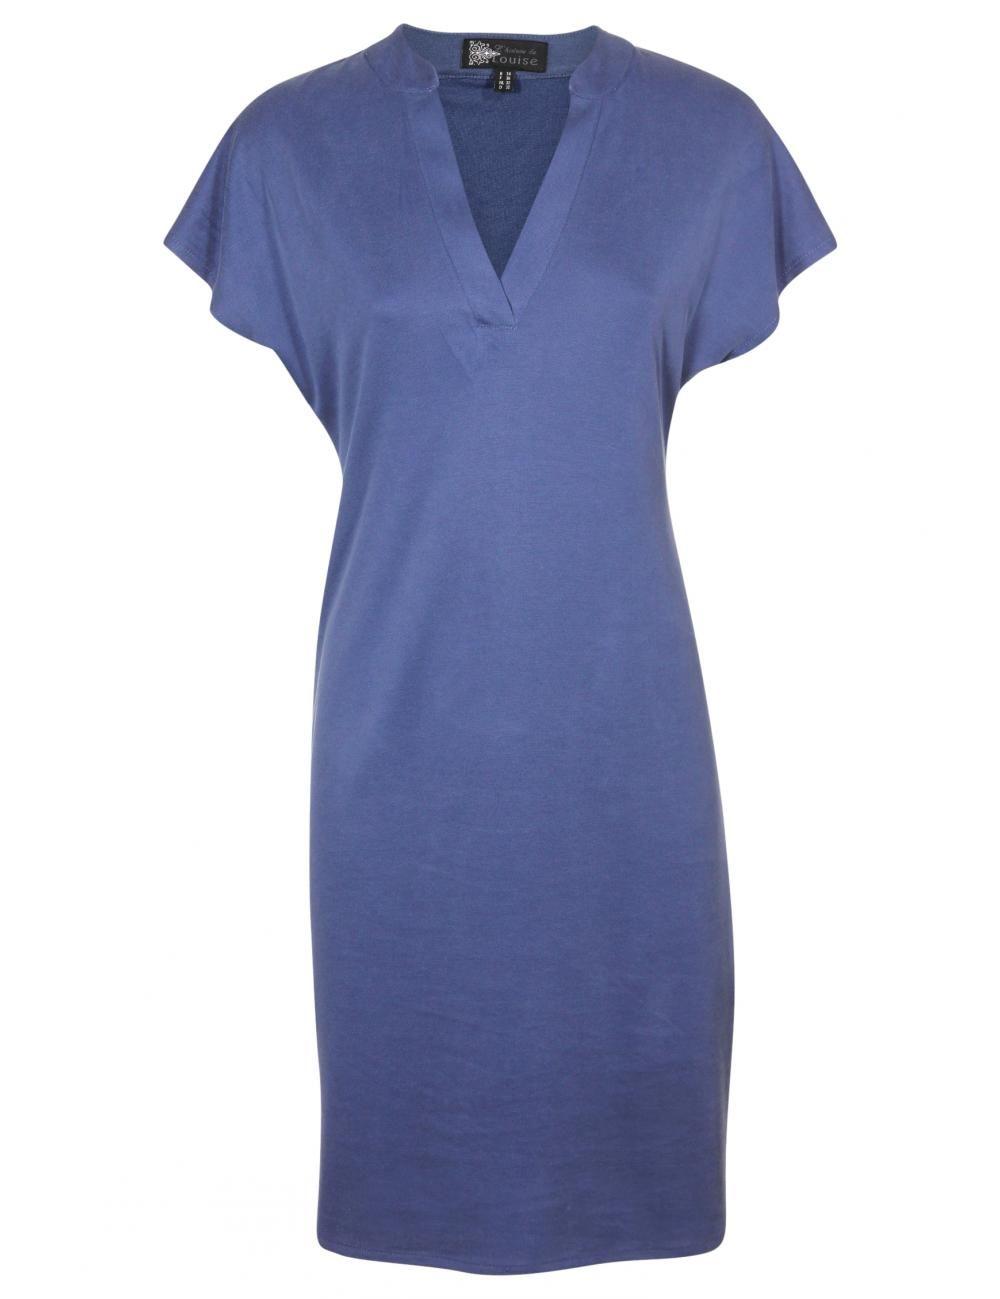 79000d877a9cd5 Vergroot - Blauw gecentreerd kleedje met v-hals